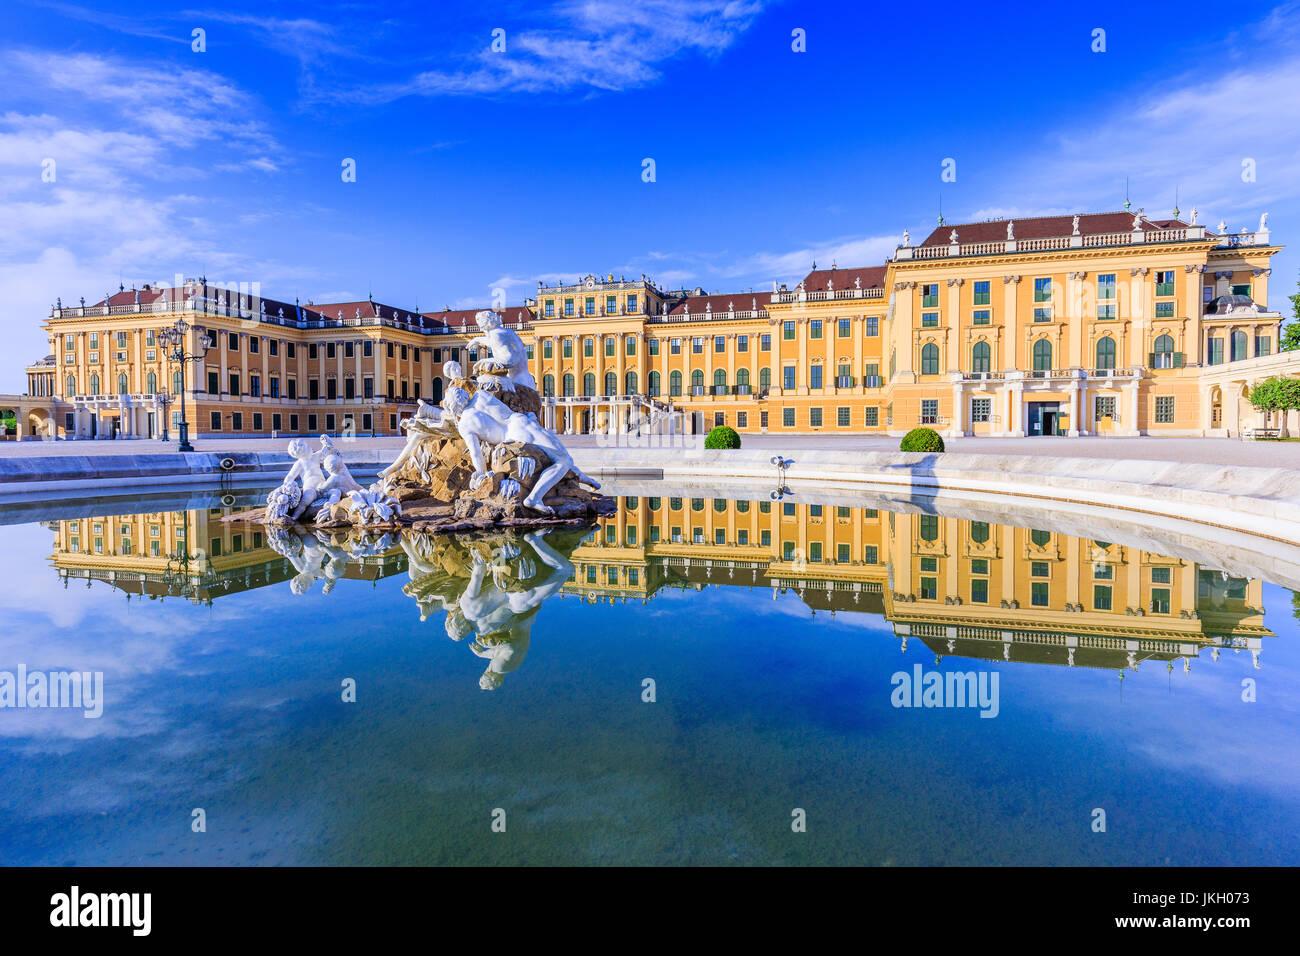 Wien, Österreich - 28. Juni 2016: Schloss Schönbrunn. Die ehemalige kaiserliche Sommerresidenz ist ein Stockbild